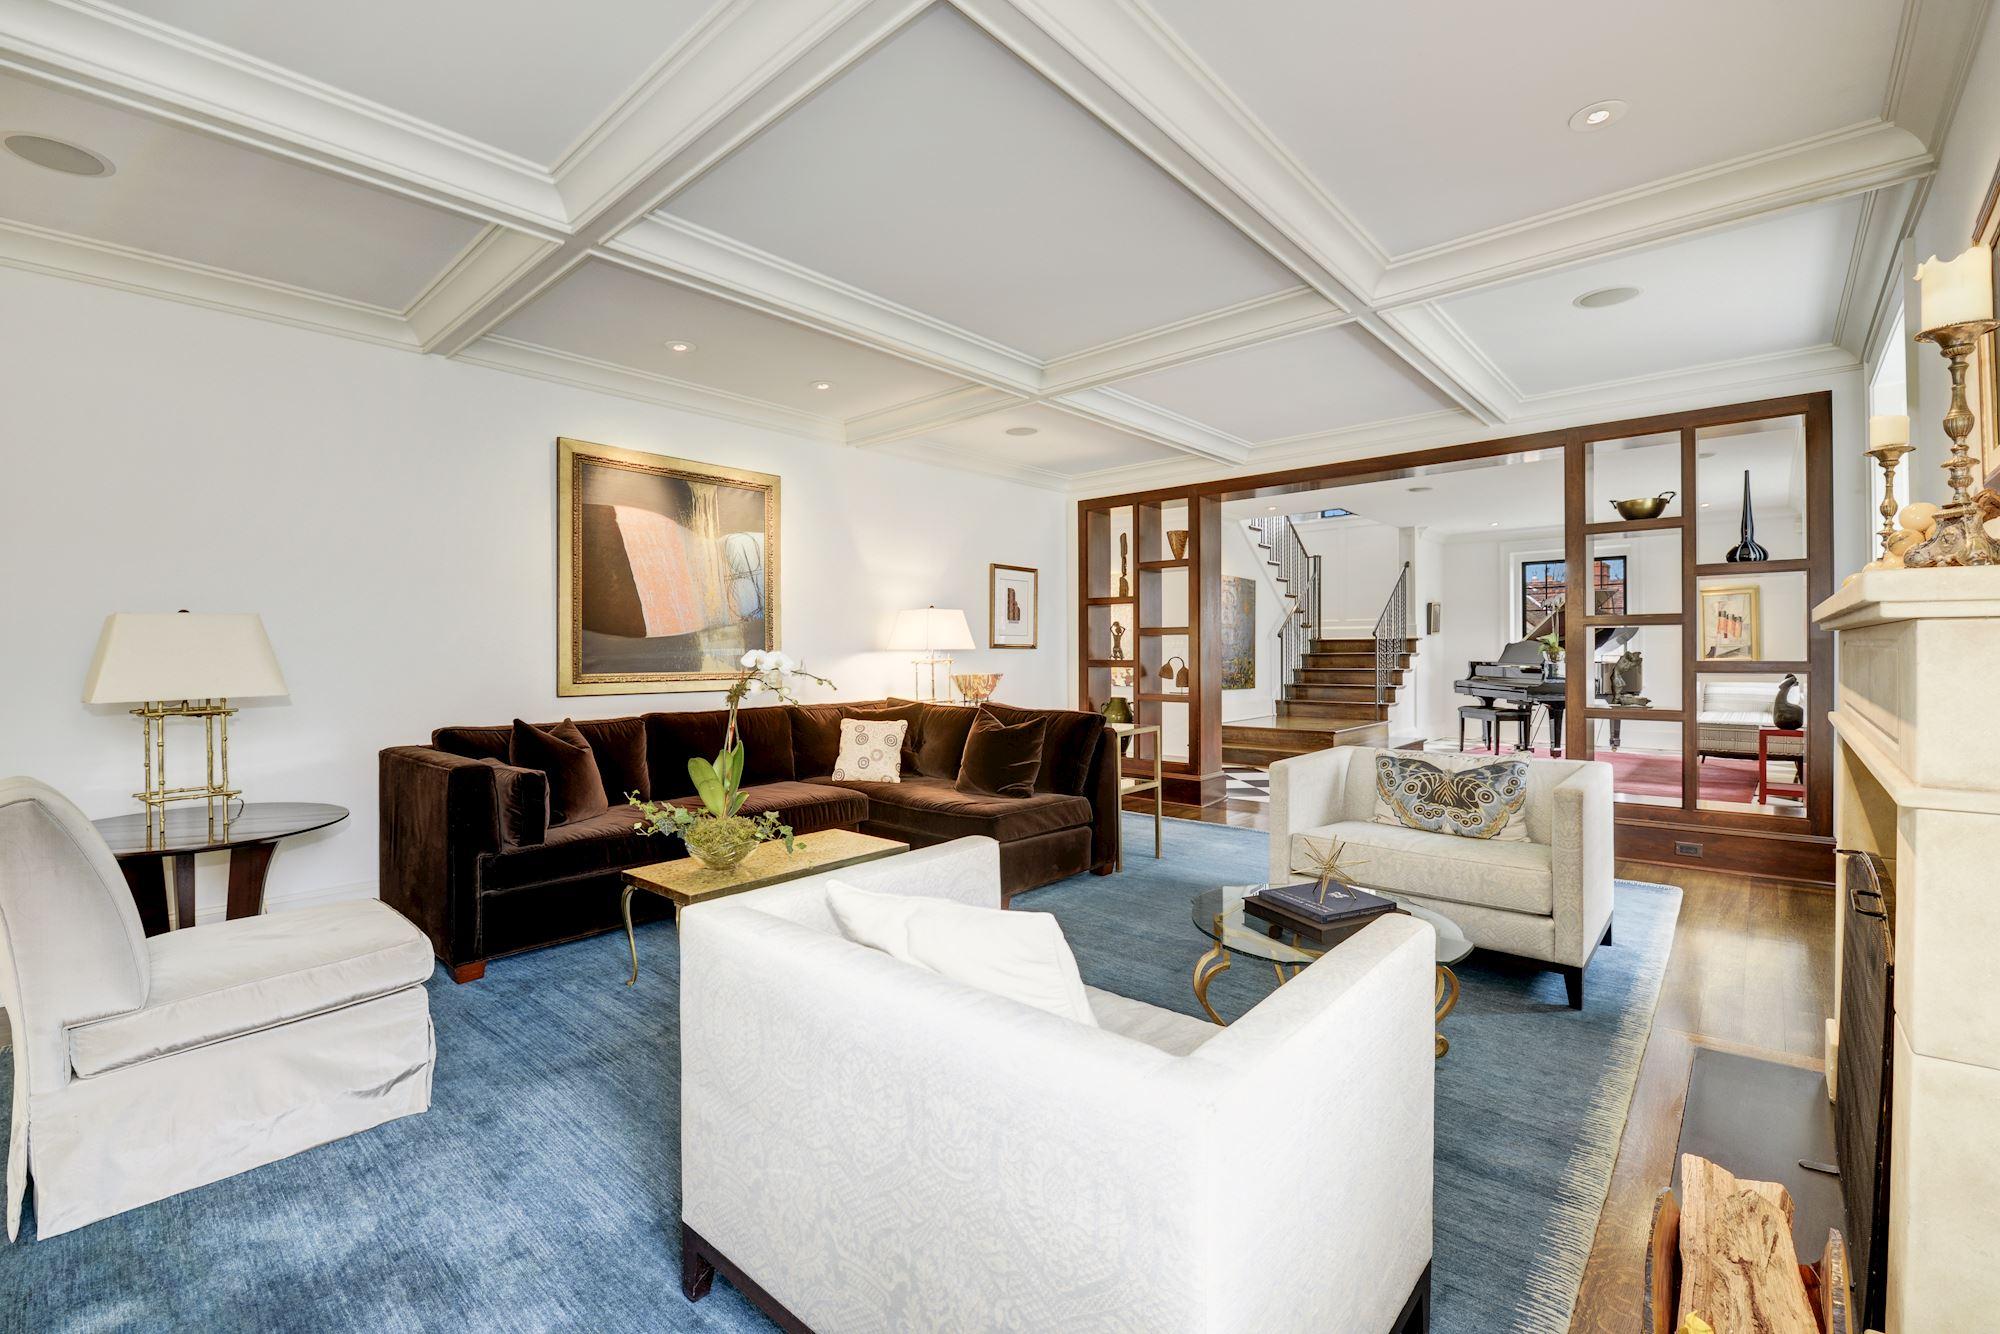 Exelent Nw Home Design Ideas - Home Decorating Ideas - svvodka.com